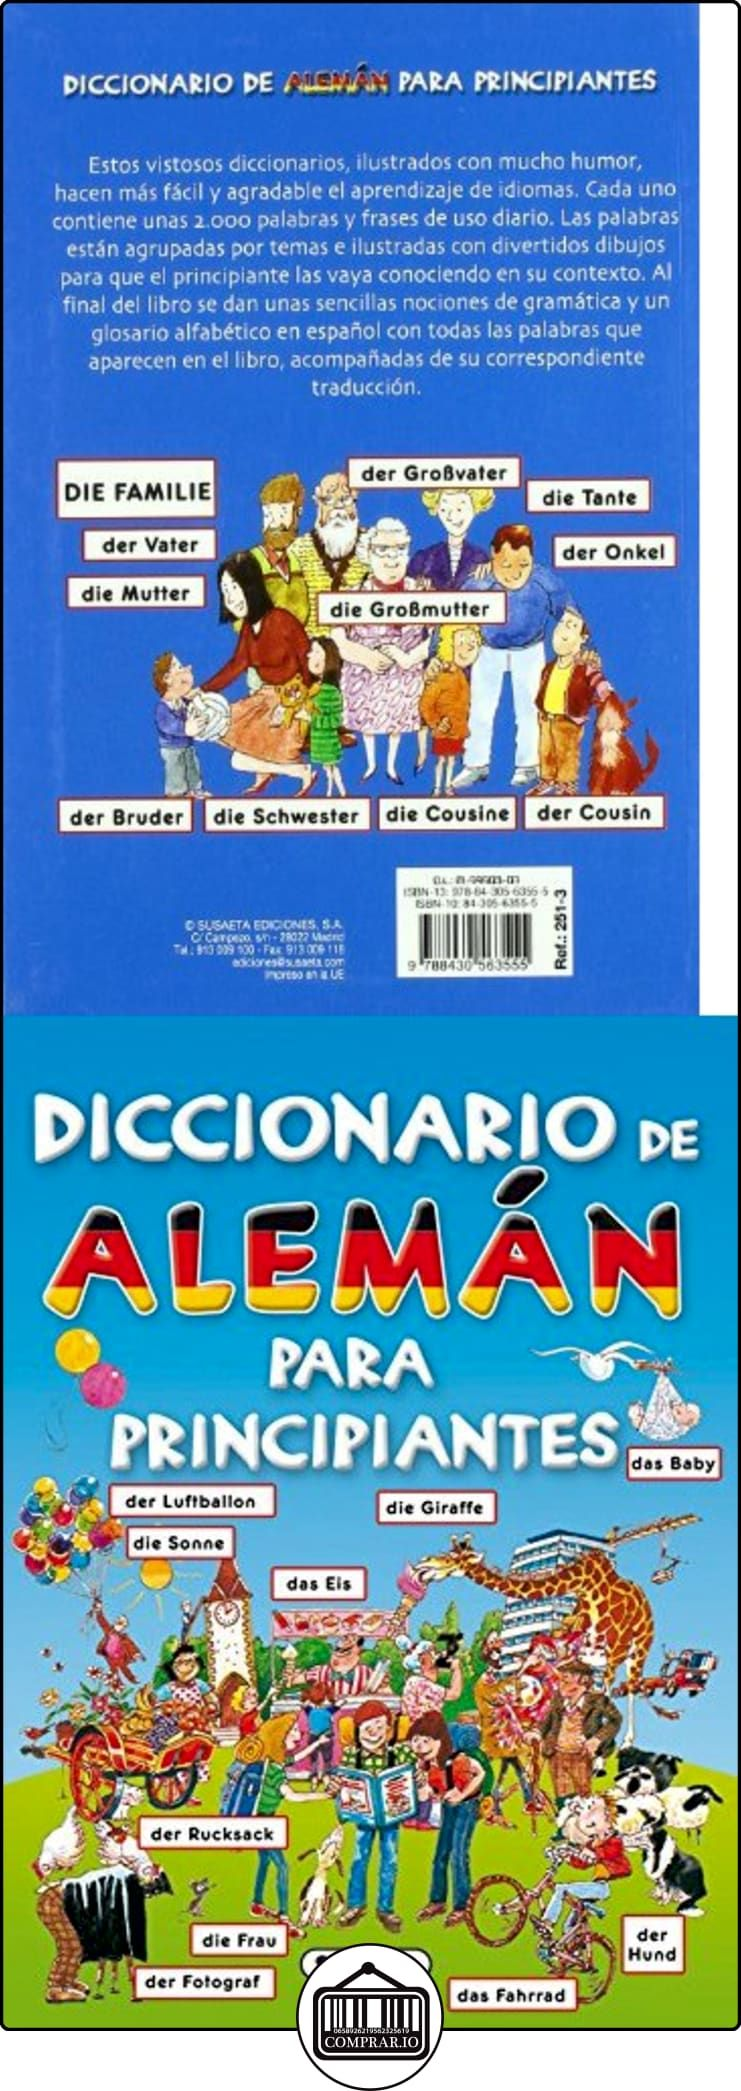 Diccionario De Aleman Para Principiantes. (Diccionario